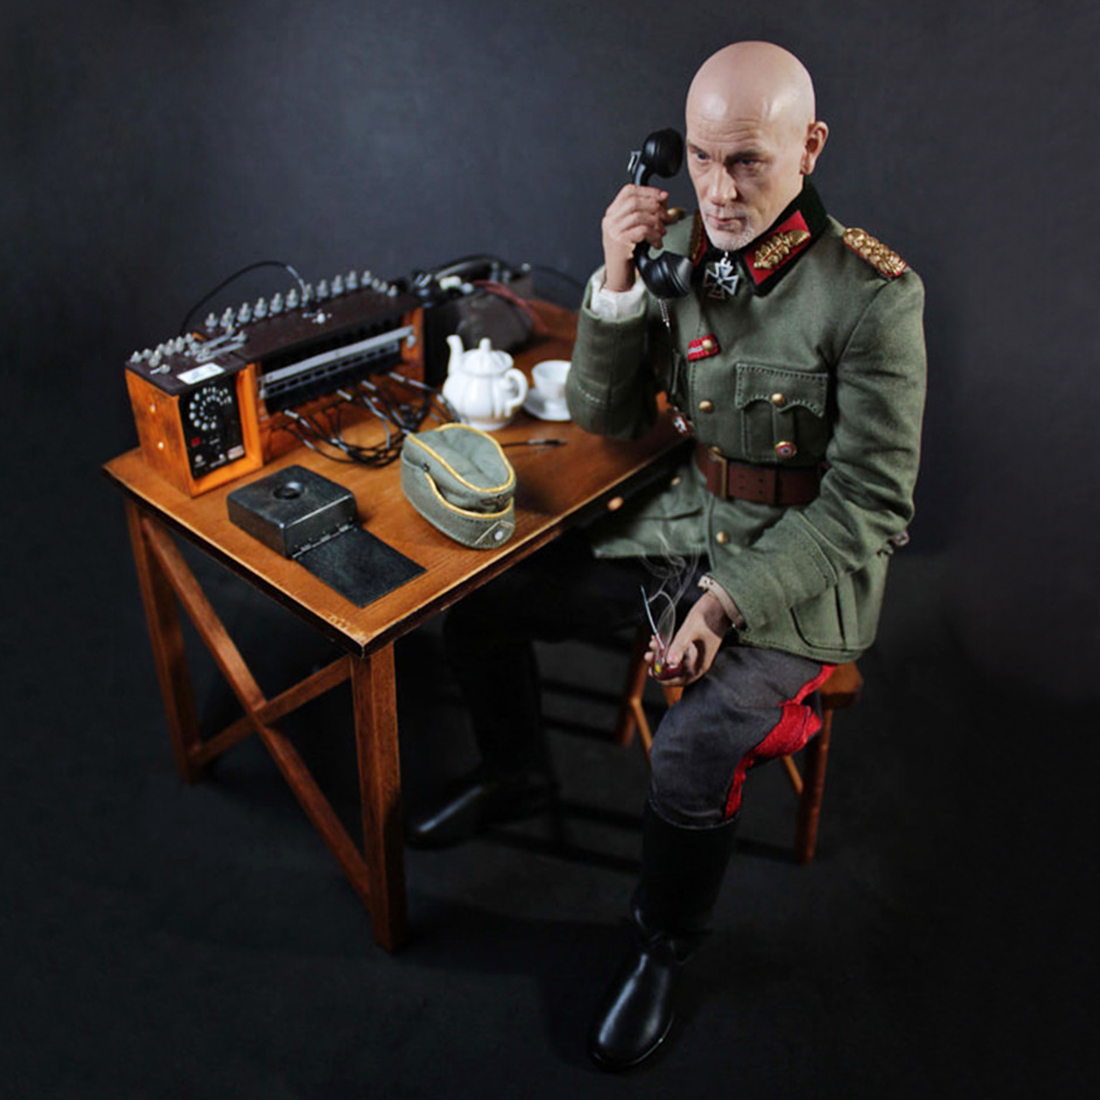 30cm 1/6 군인 모델 현실적인 headsculpt diy 수제 그림 모델 남자 선물 독일 필드 전화 스위치 보드 장면-에서액션 & 장난감 숫자부터 완구 & 취미 의  그룹 1